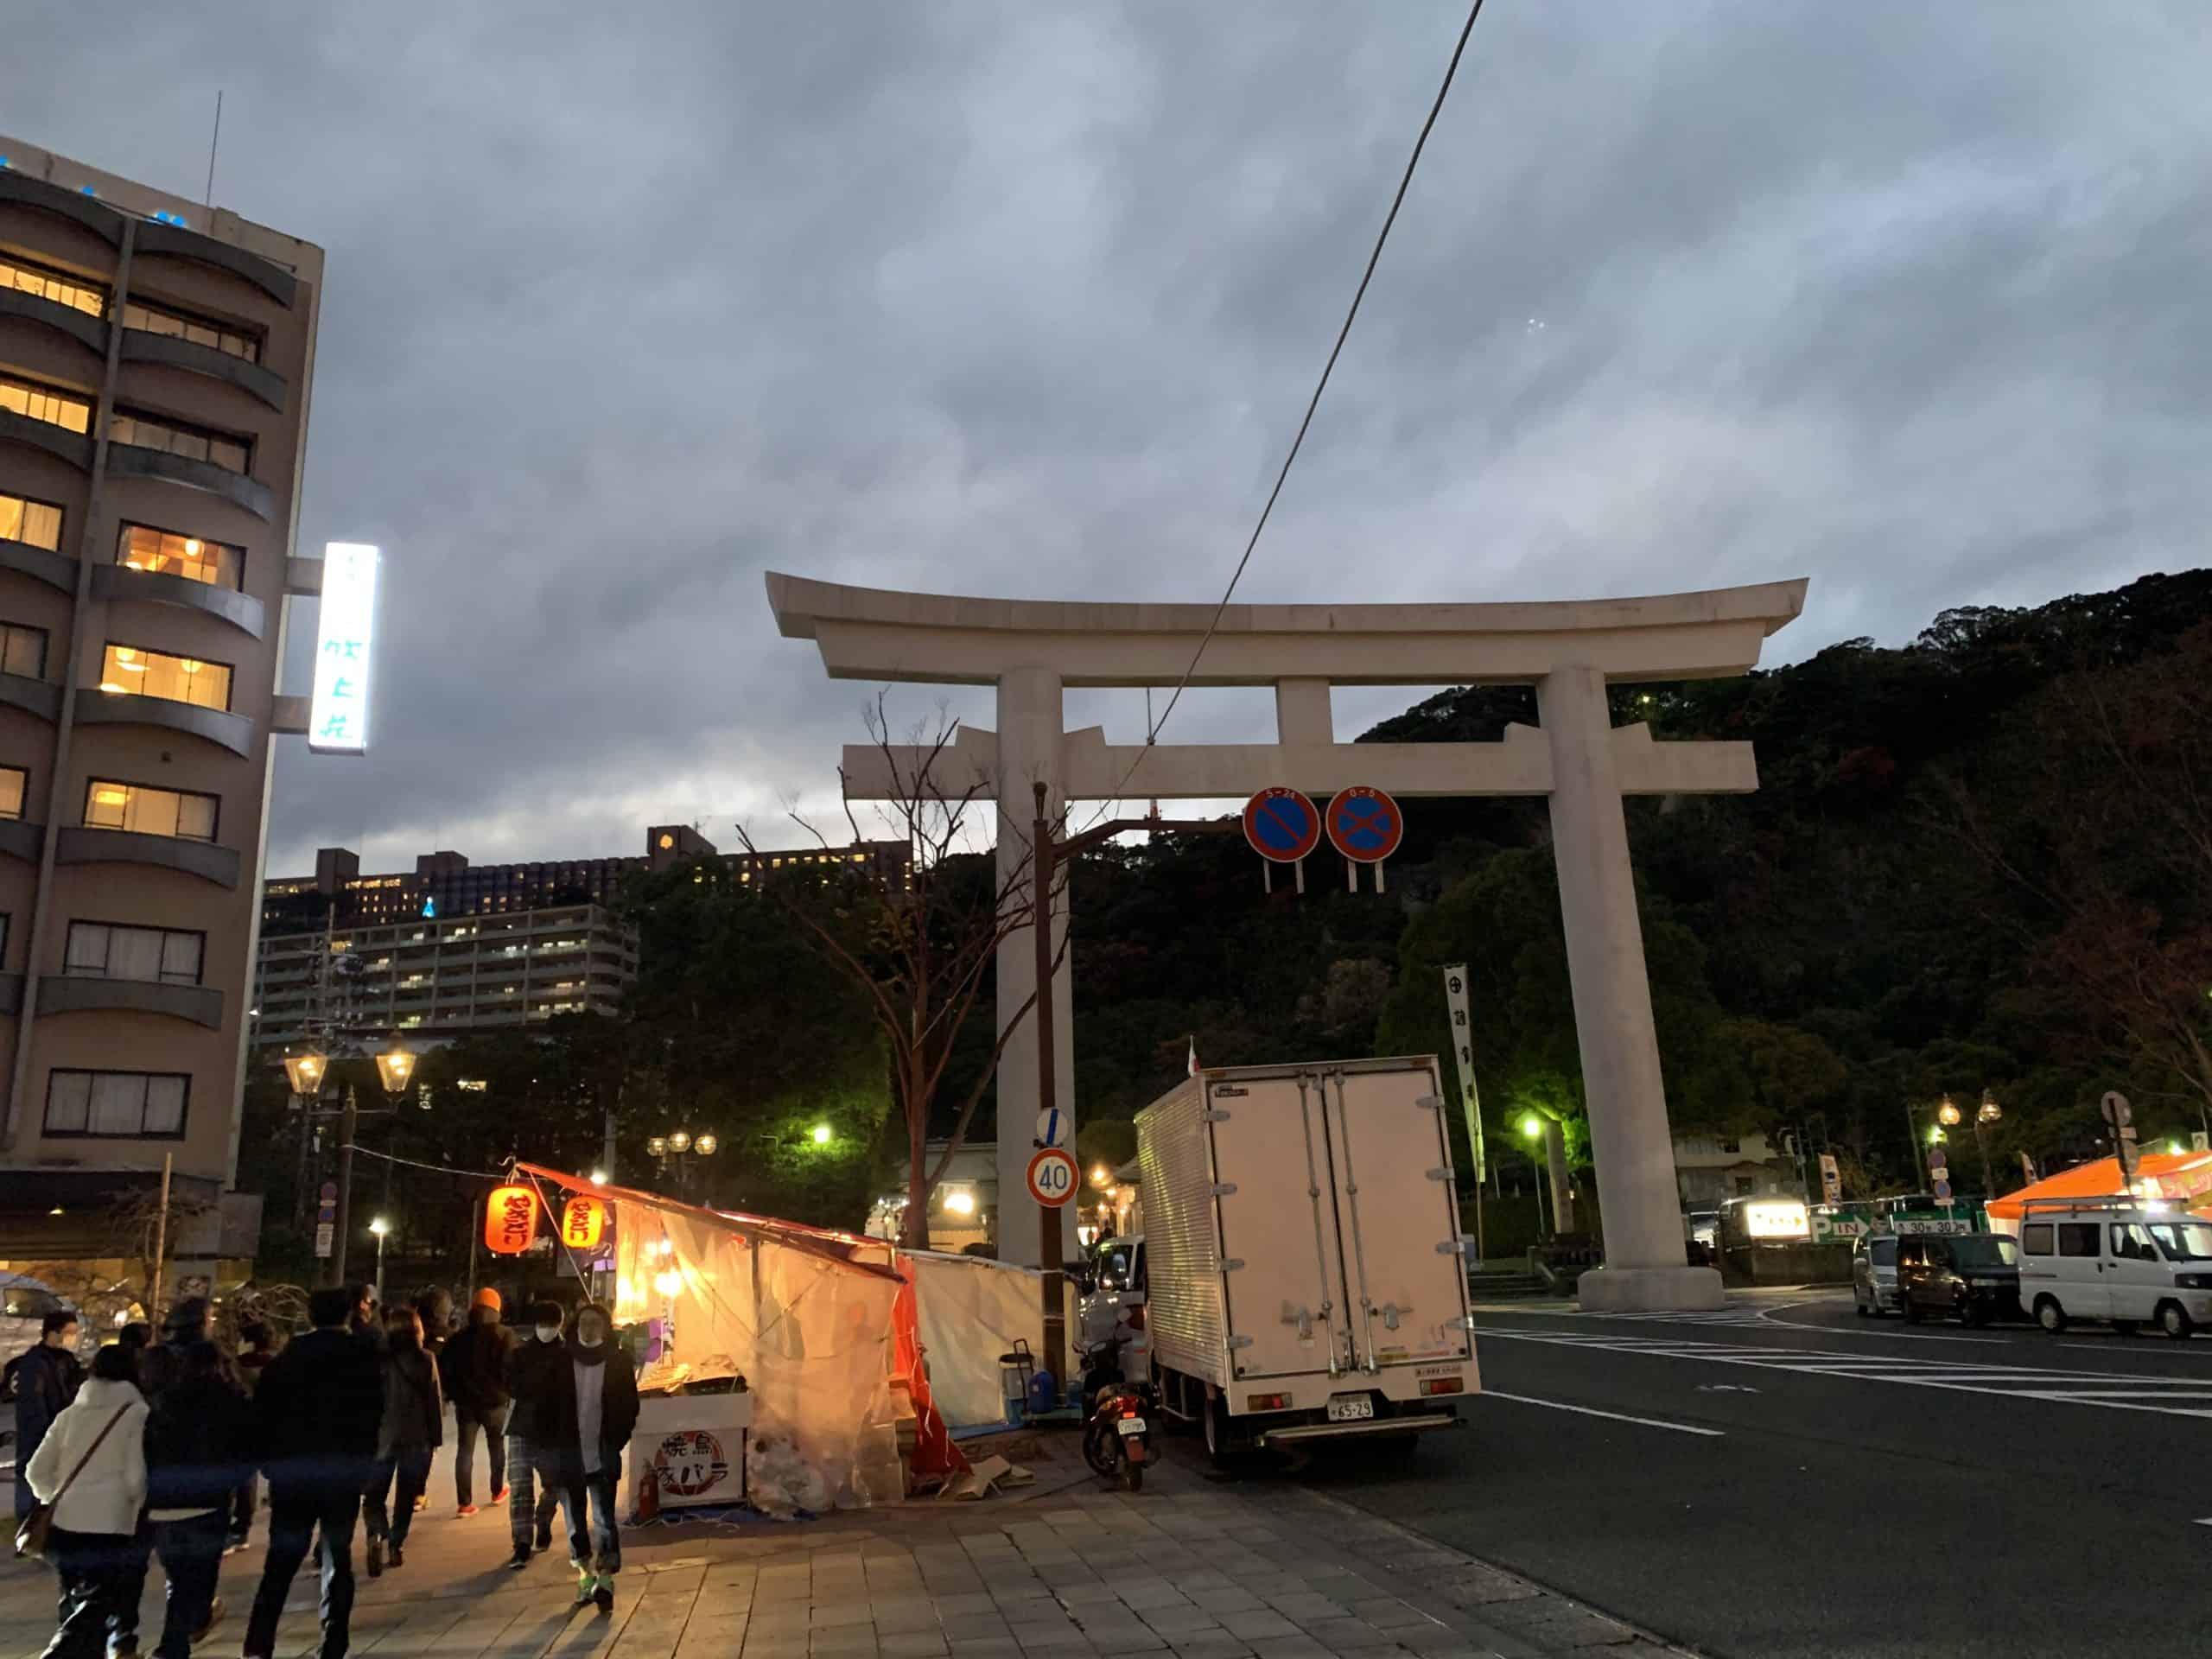 十数年ぶりに穏やかな初詣in照国神社。今年もよろしくおねがいします。